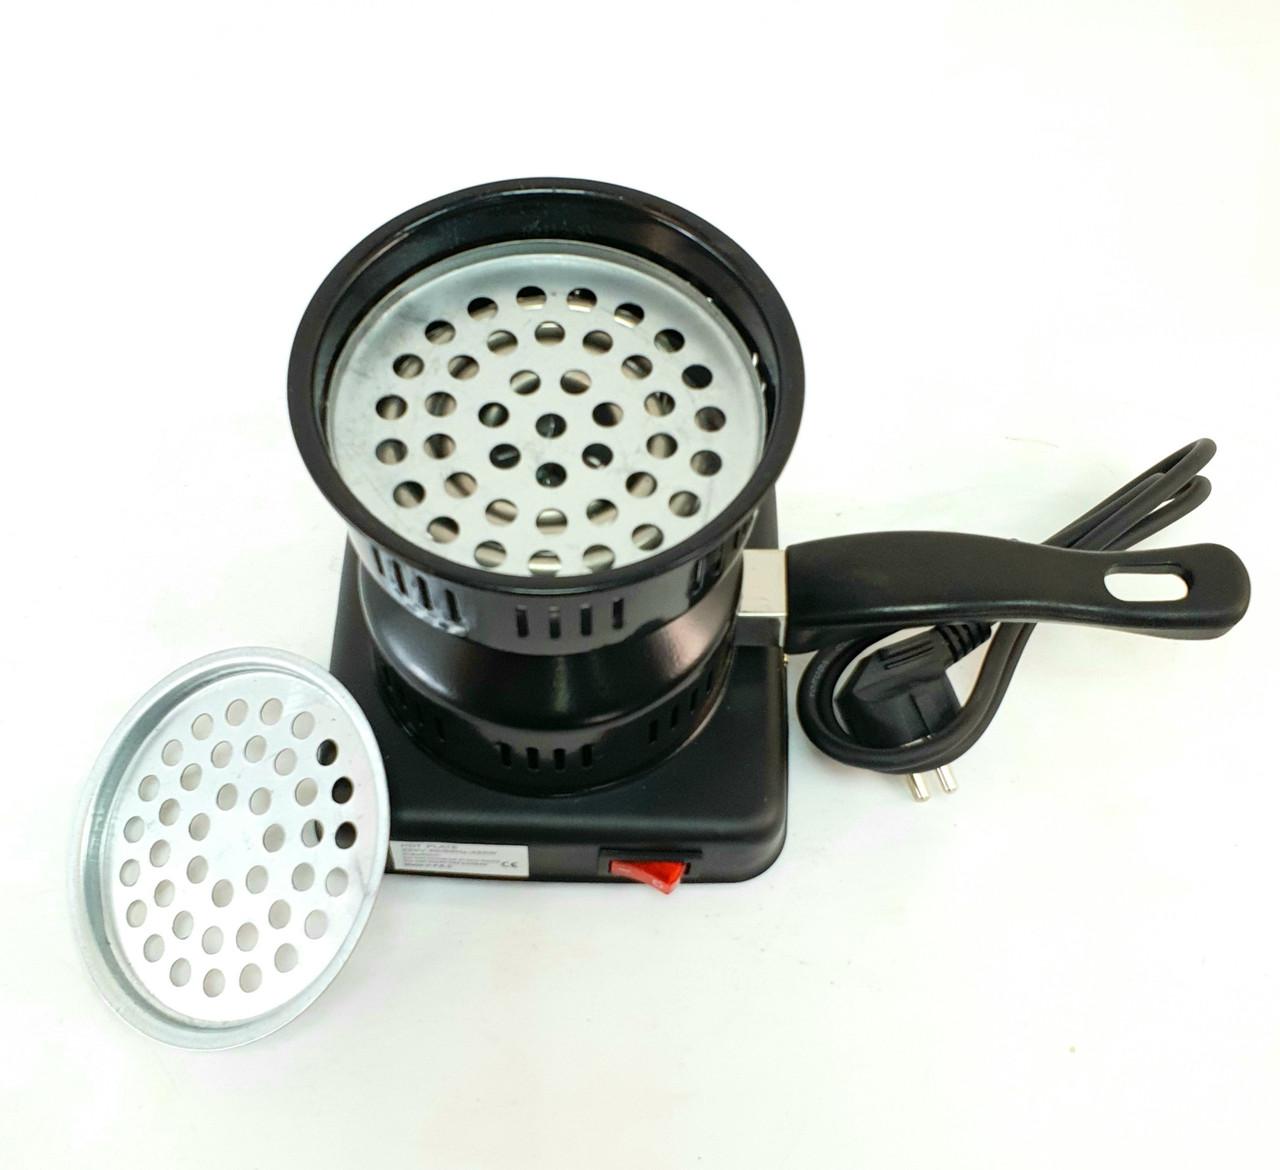 Электрическая печь Hot Plate для розжига углей Плита для розжига угля